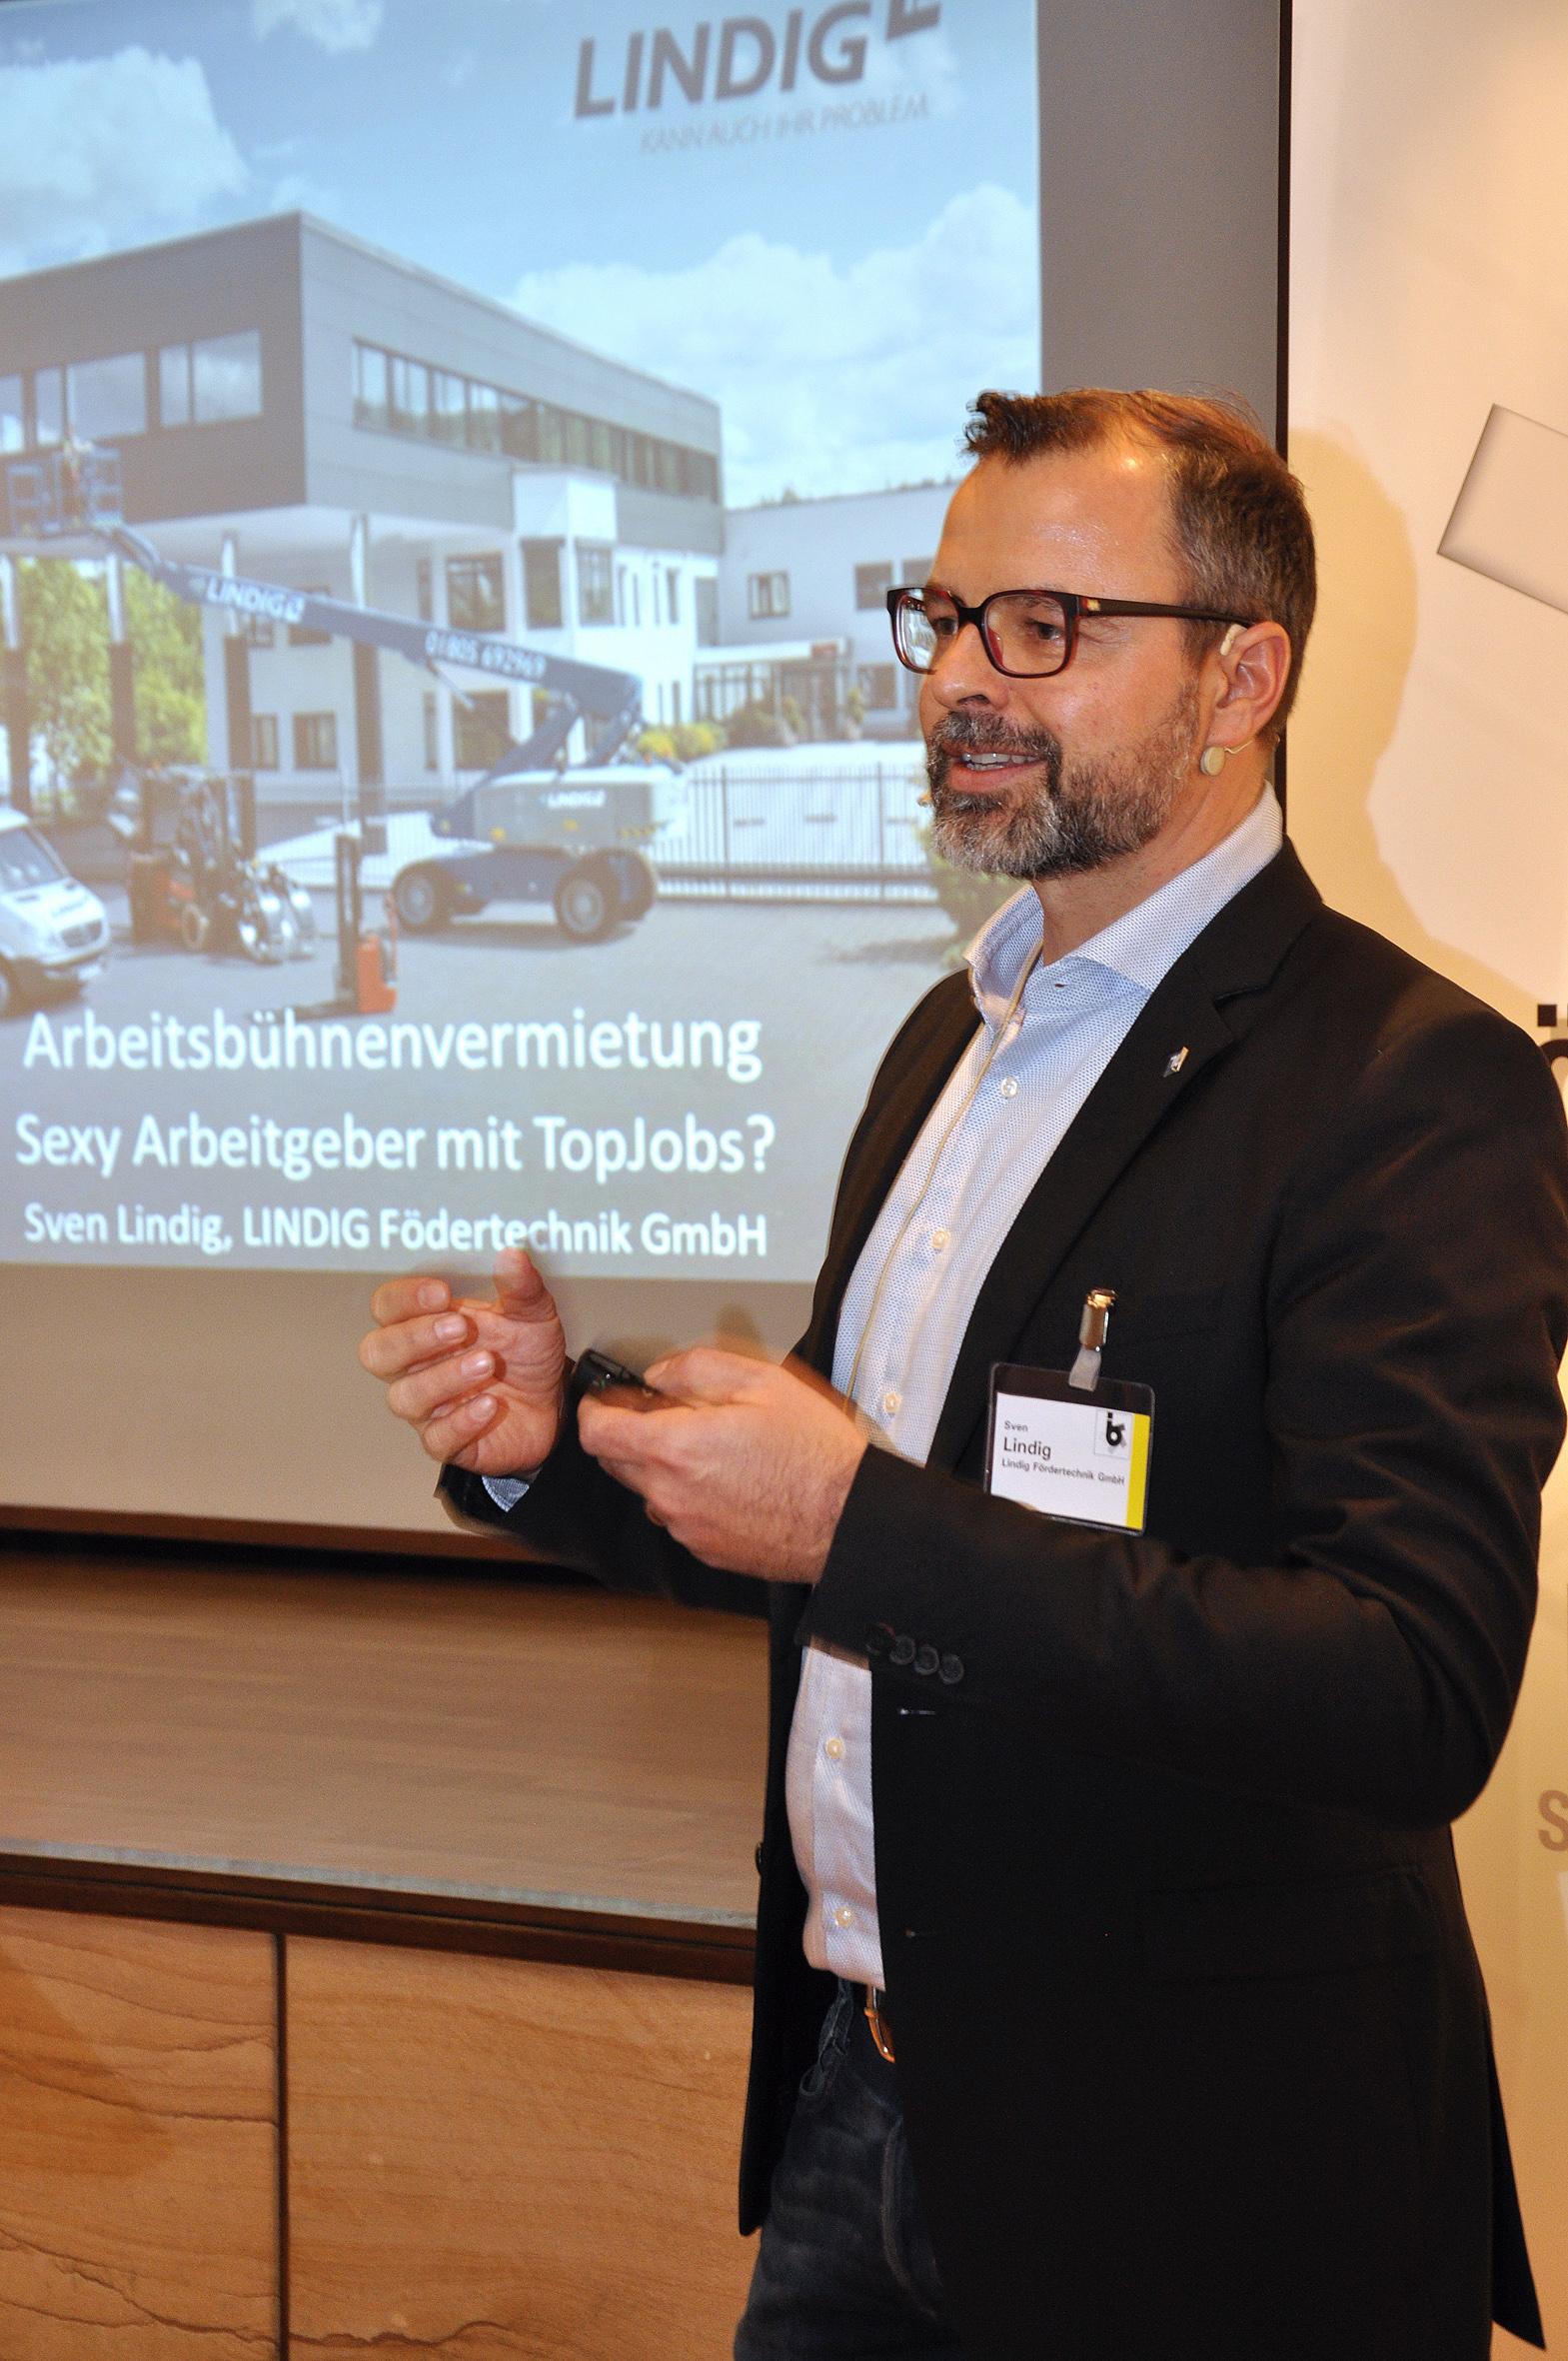 Sven Lindig, Geschäftsführer und Gesellschafter der LINDIG Fördertechnik GmbH: Haben Sie den Mut, als Arbeitgeber kreative Lösungen in Sachen Arbeitsplatzattraktivität zu suchen. © bbi